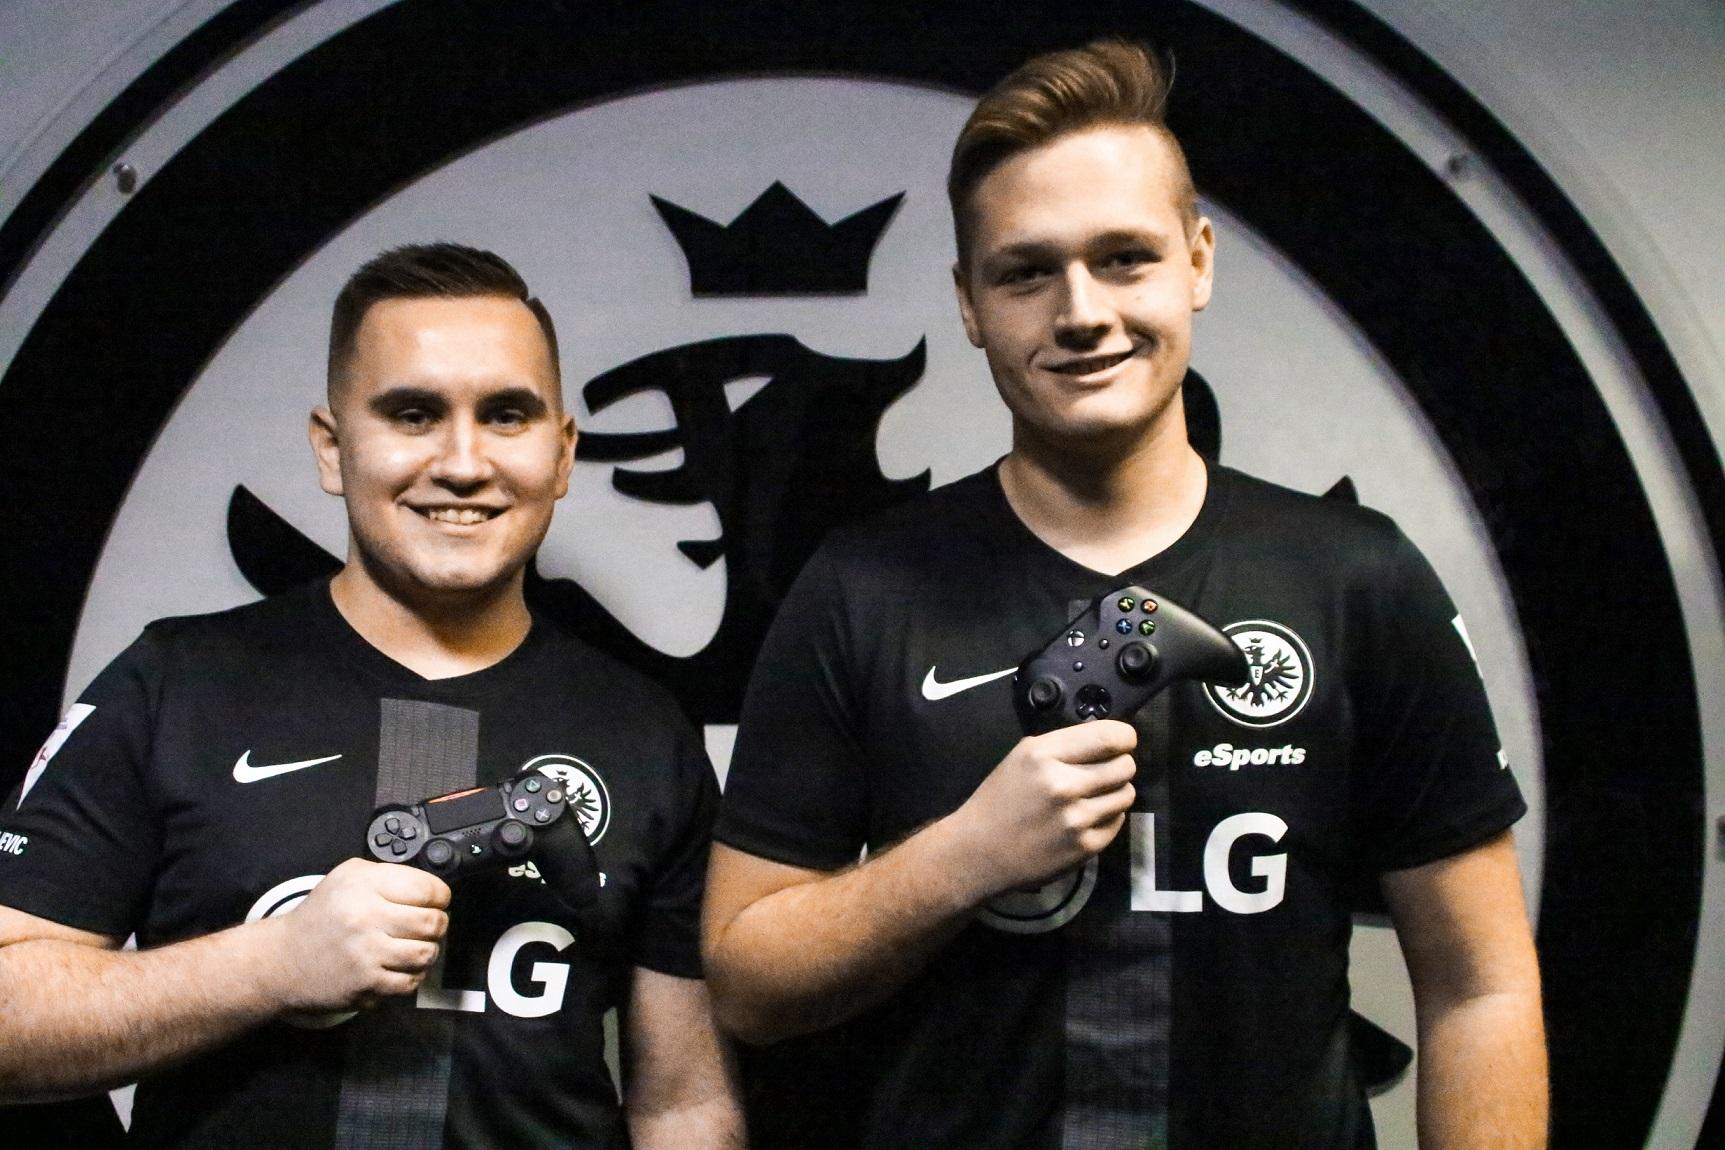 LG전자가 후원하는 독일 아인트라흐트 프랑크푸르트의 e스포츠팀 선수들이 LG 로고가 새겨진 유니폼을 입고 포즈를 취하고 있다.